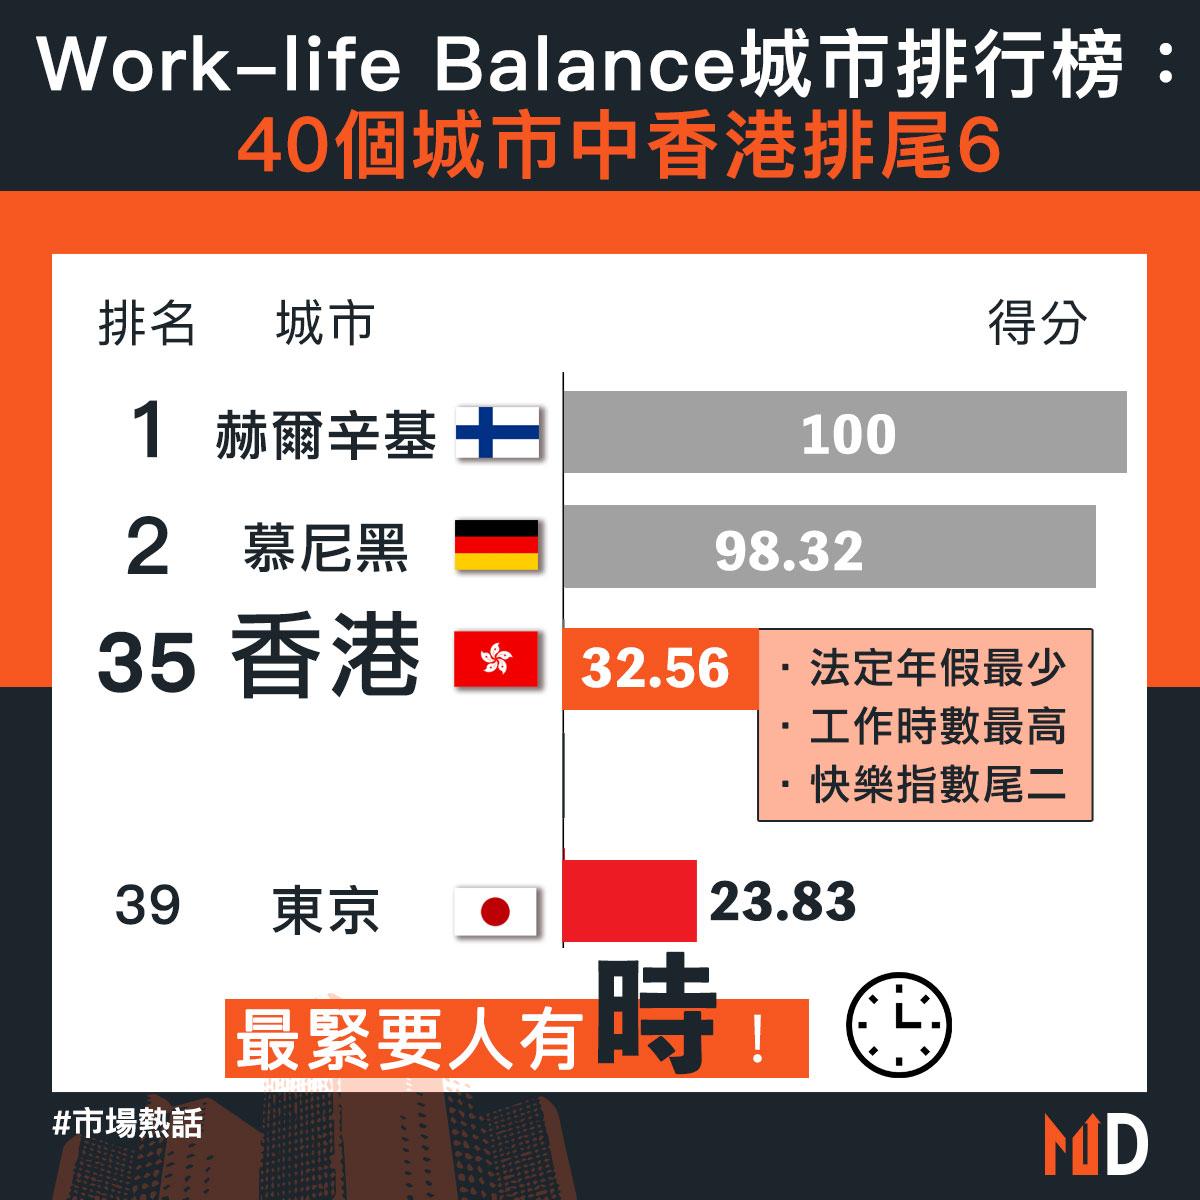 【市場熱話】Work-life Balance城市排行榜:40個城市中香港排尾6